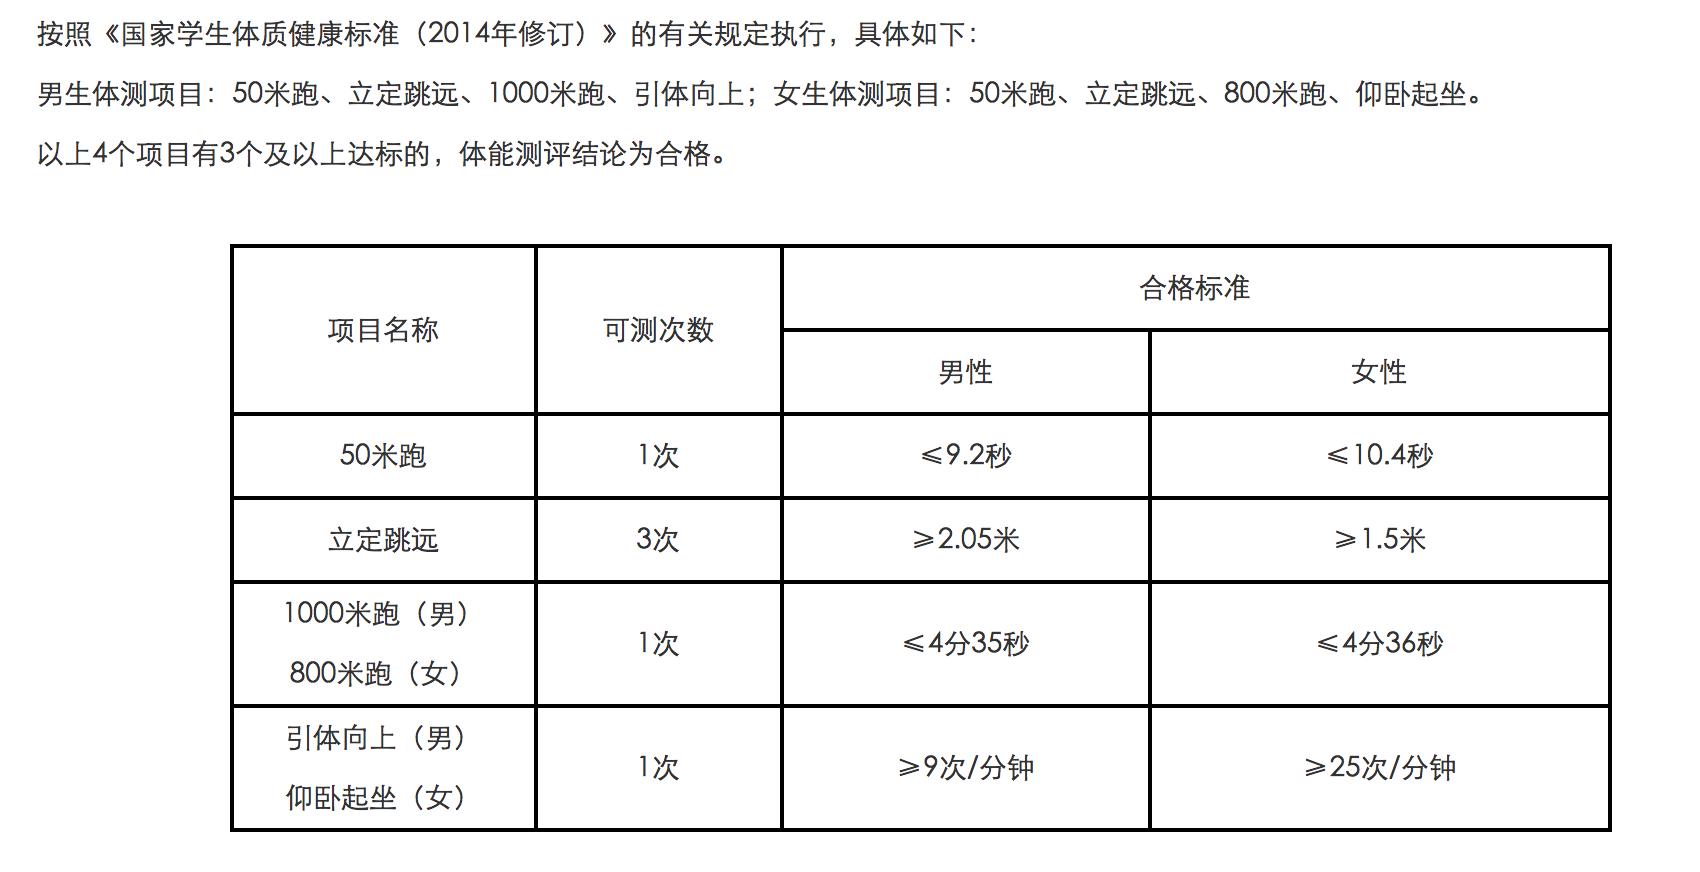 2019 辽宁报考警校同学注意:面试和体检体测报名6月3日截止